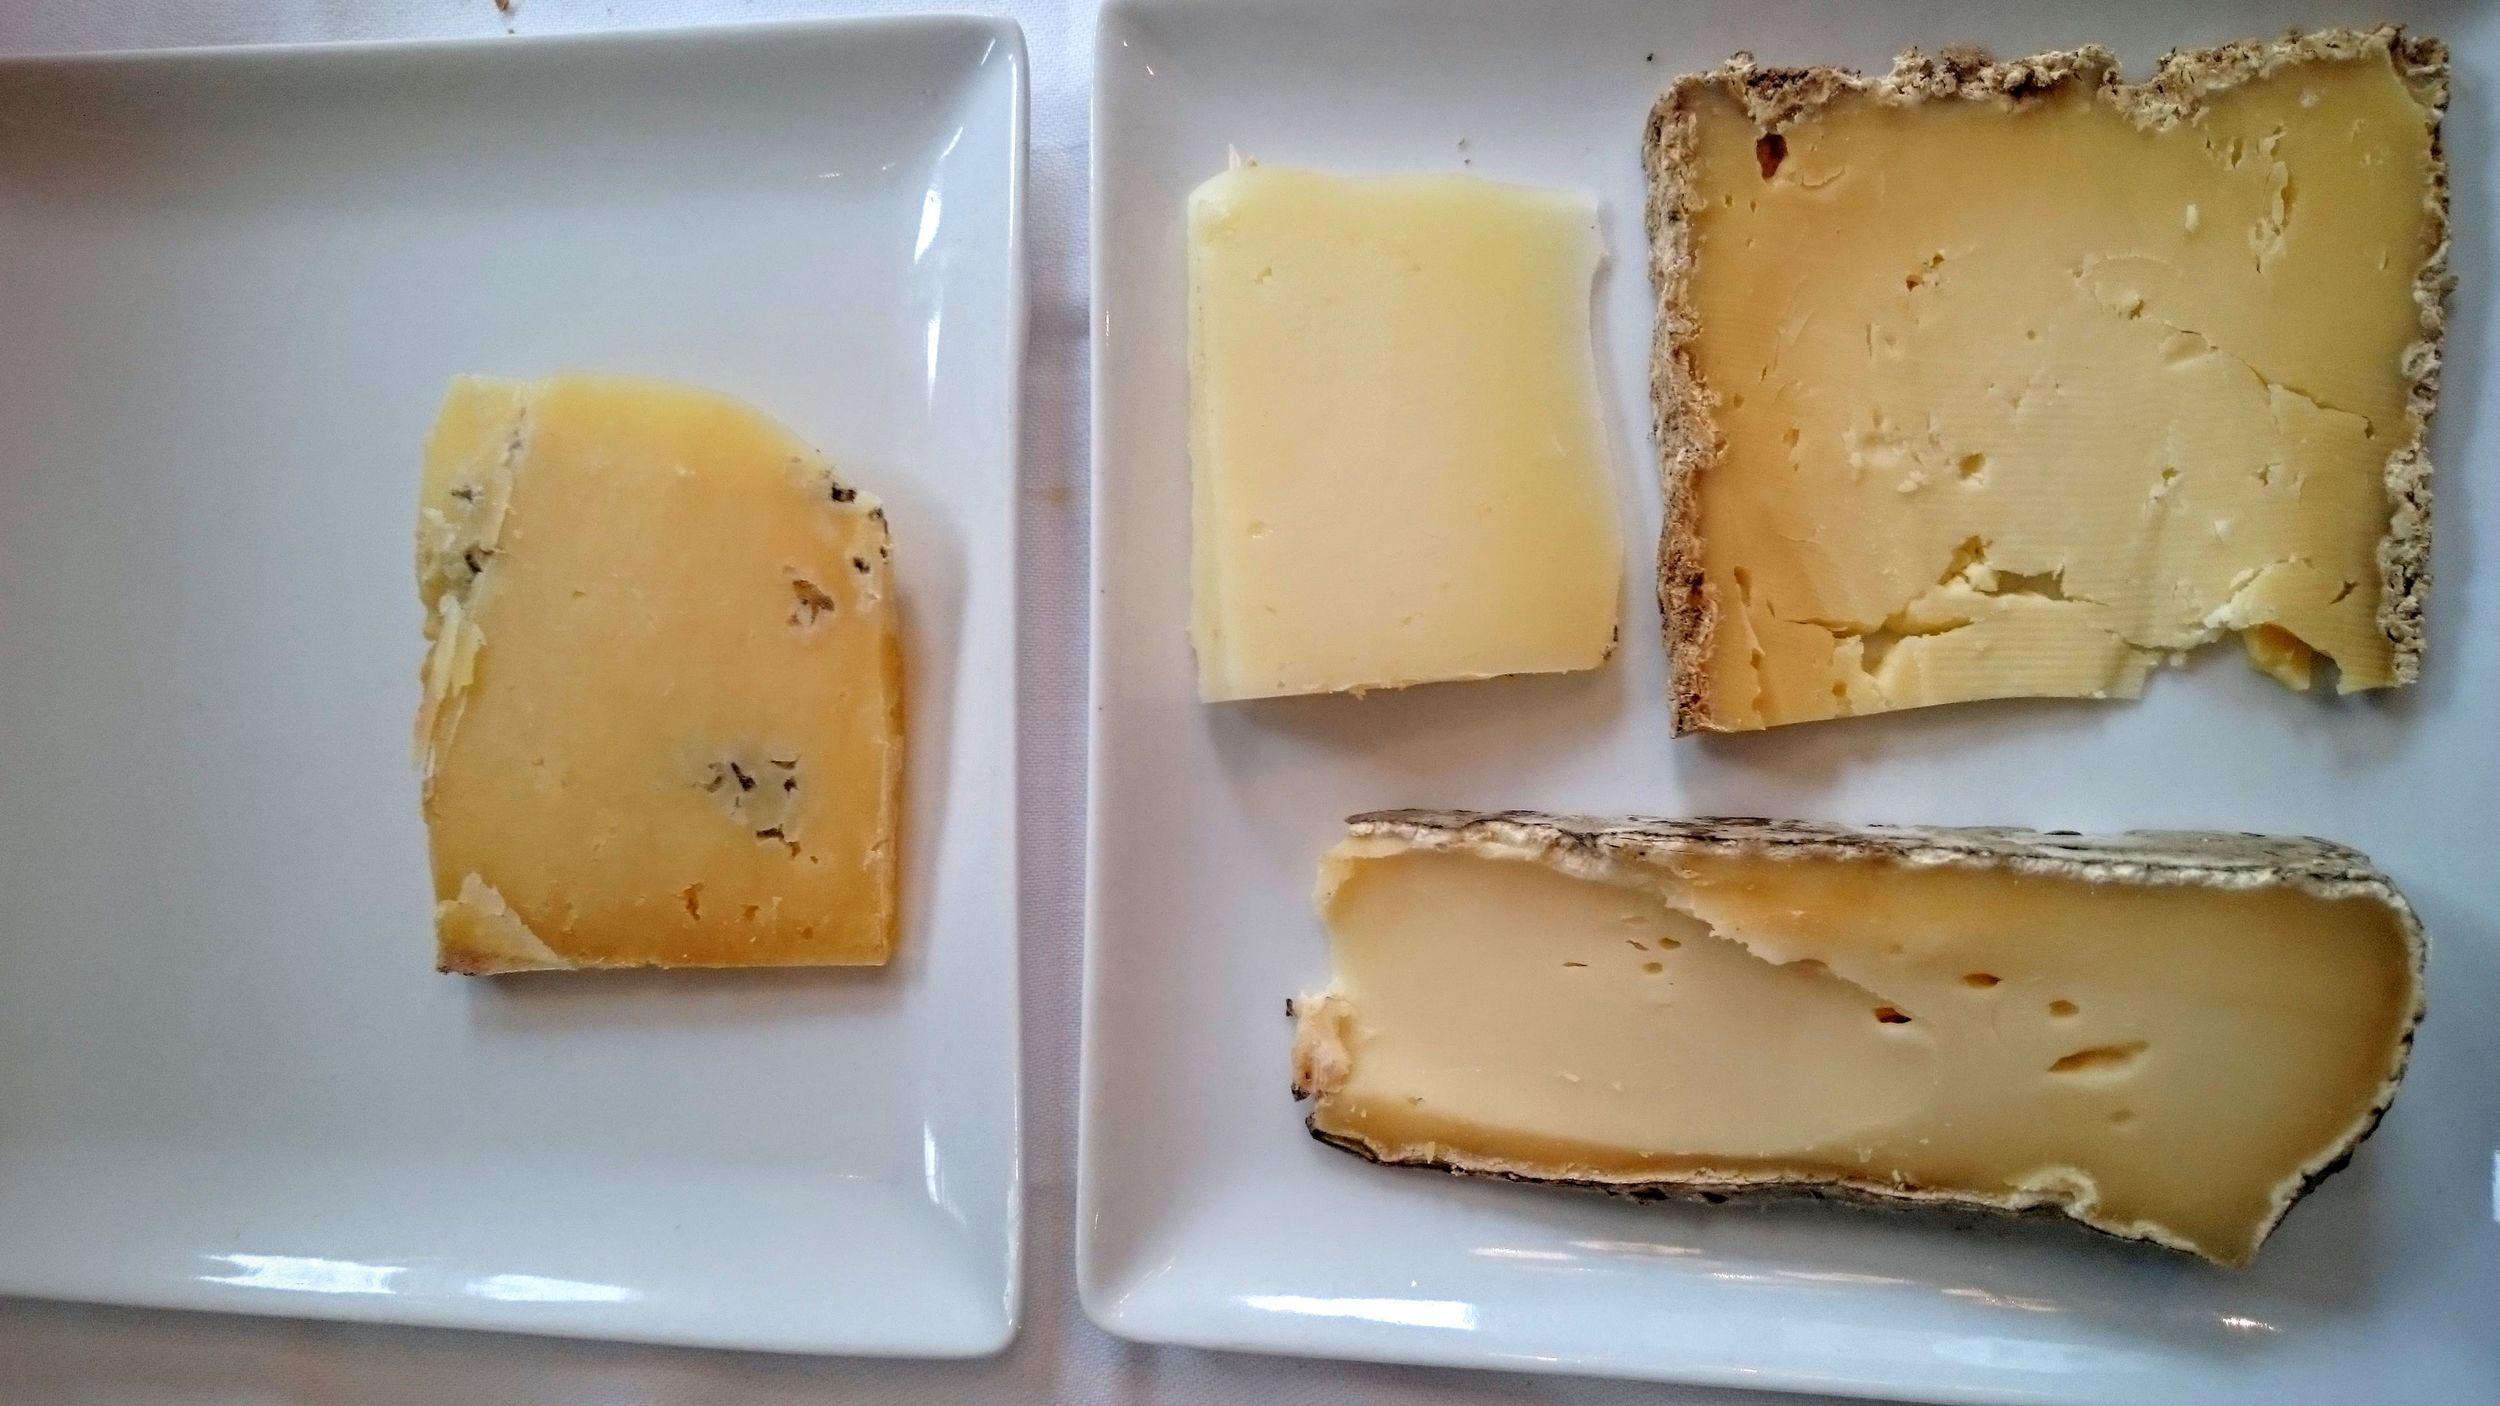 Salers (vache, assiette de gauche), Manchego (brebis, ass droite, petite tranche), tomme de montagne (vache, haut droite), Saint Nectaire (vache, bas droite)